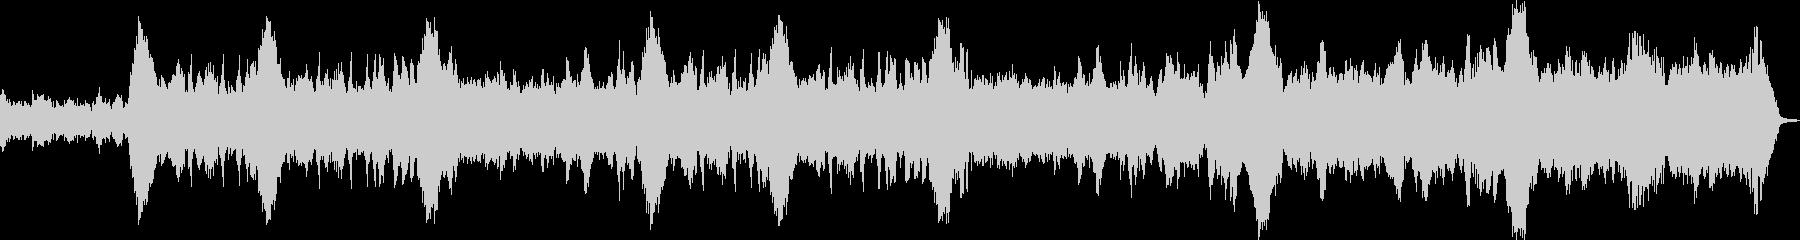 フルートとハープのノスタルジックな曲の未再生の波形